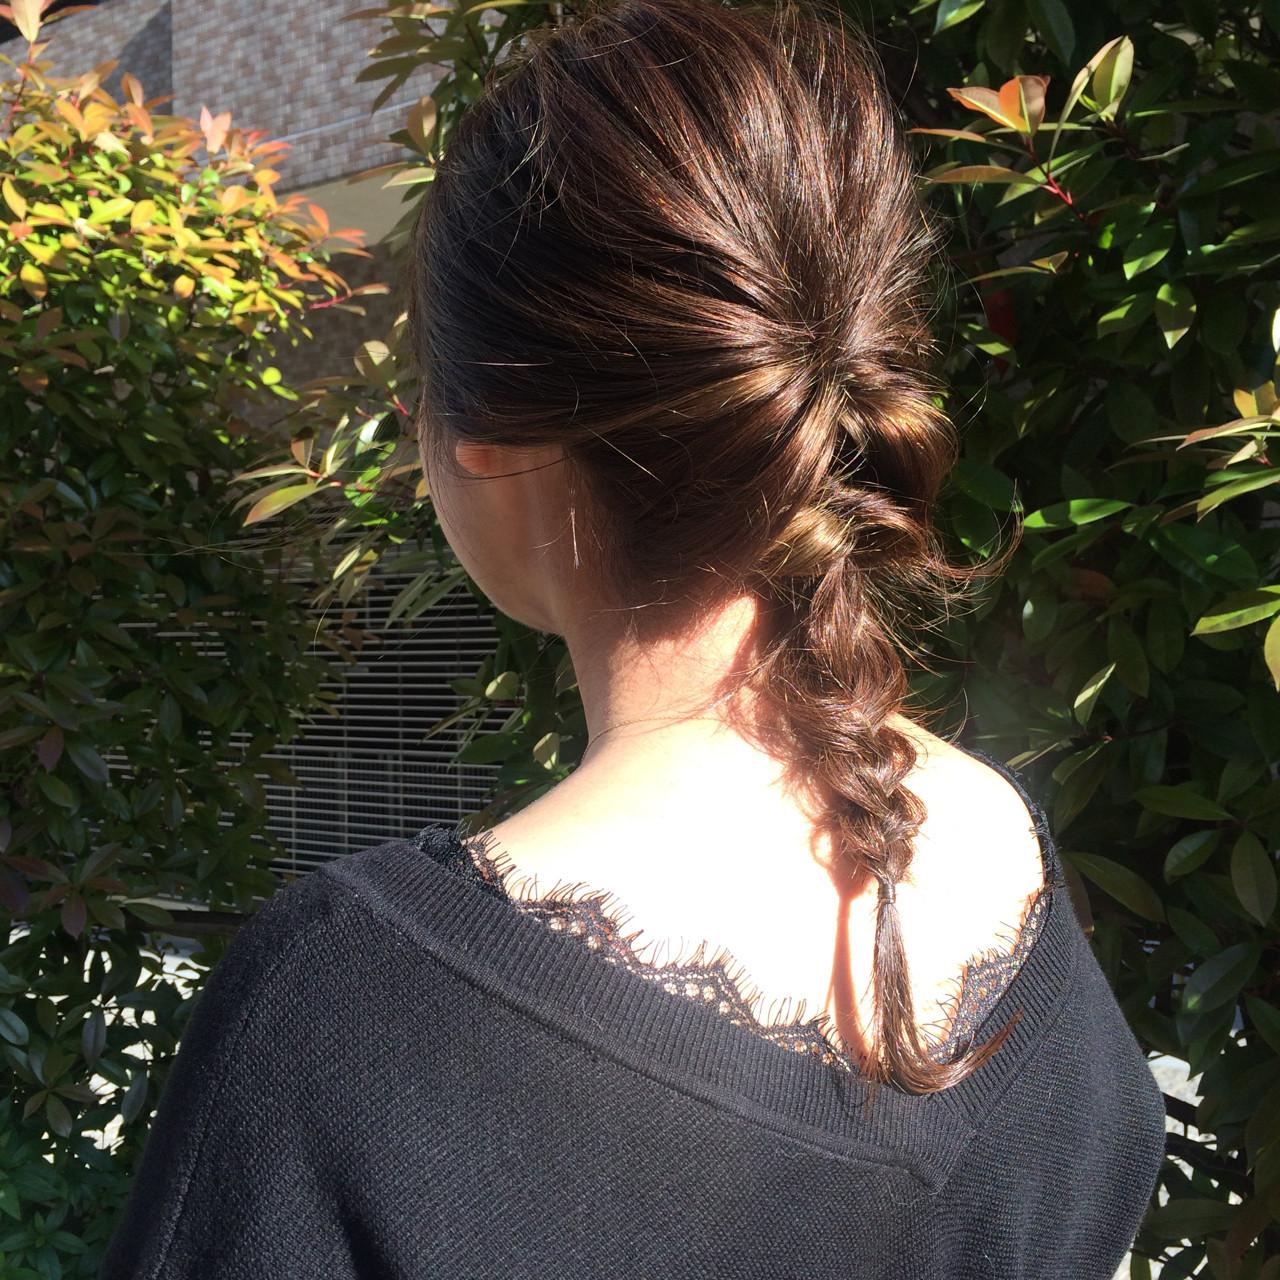 ルーズな編みおろしアレンジで大人ガーリー 文山勝典/ショート・ボブが得意なヘアデザイナー | TITY HAIR SALON